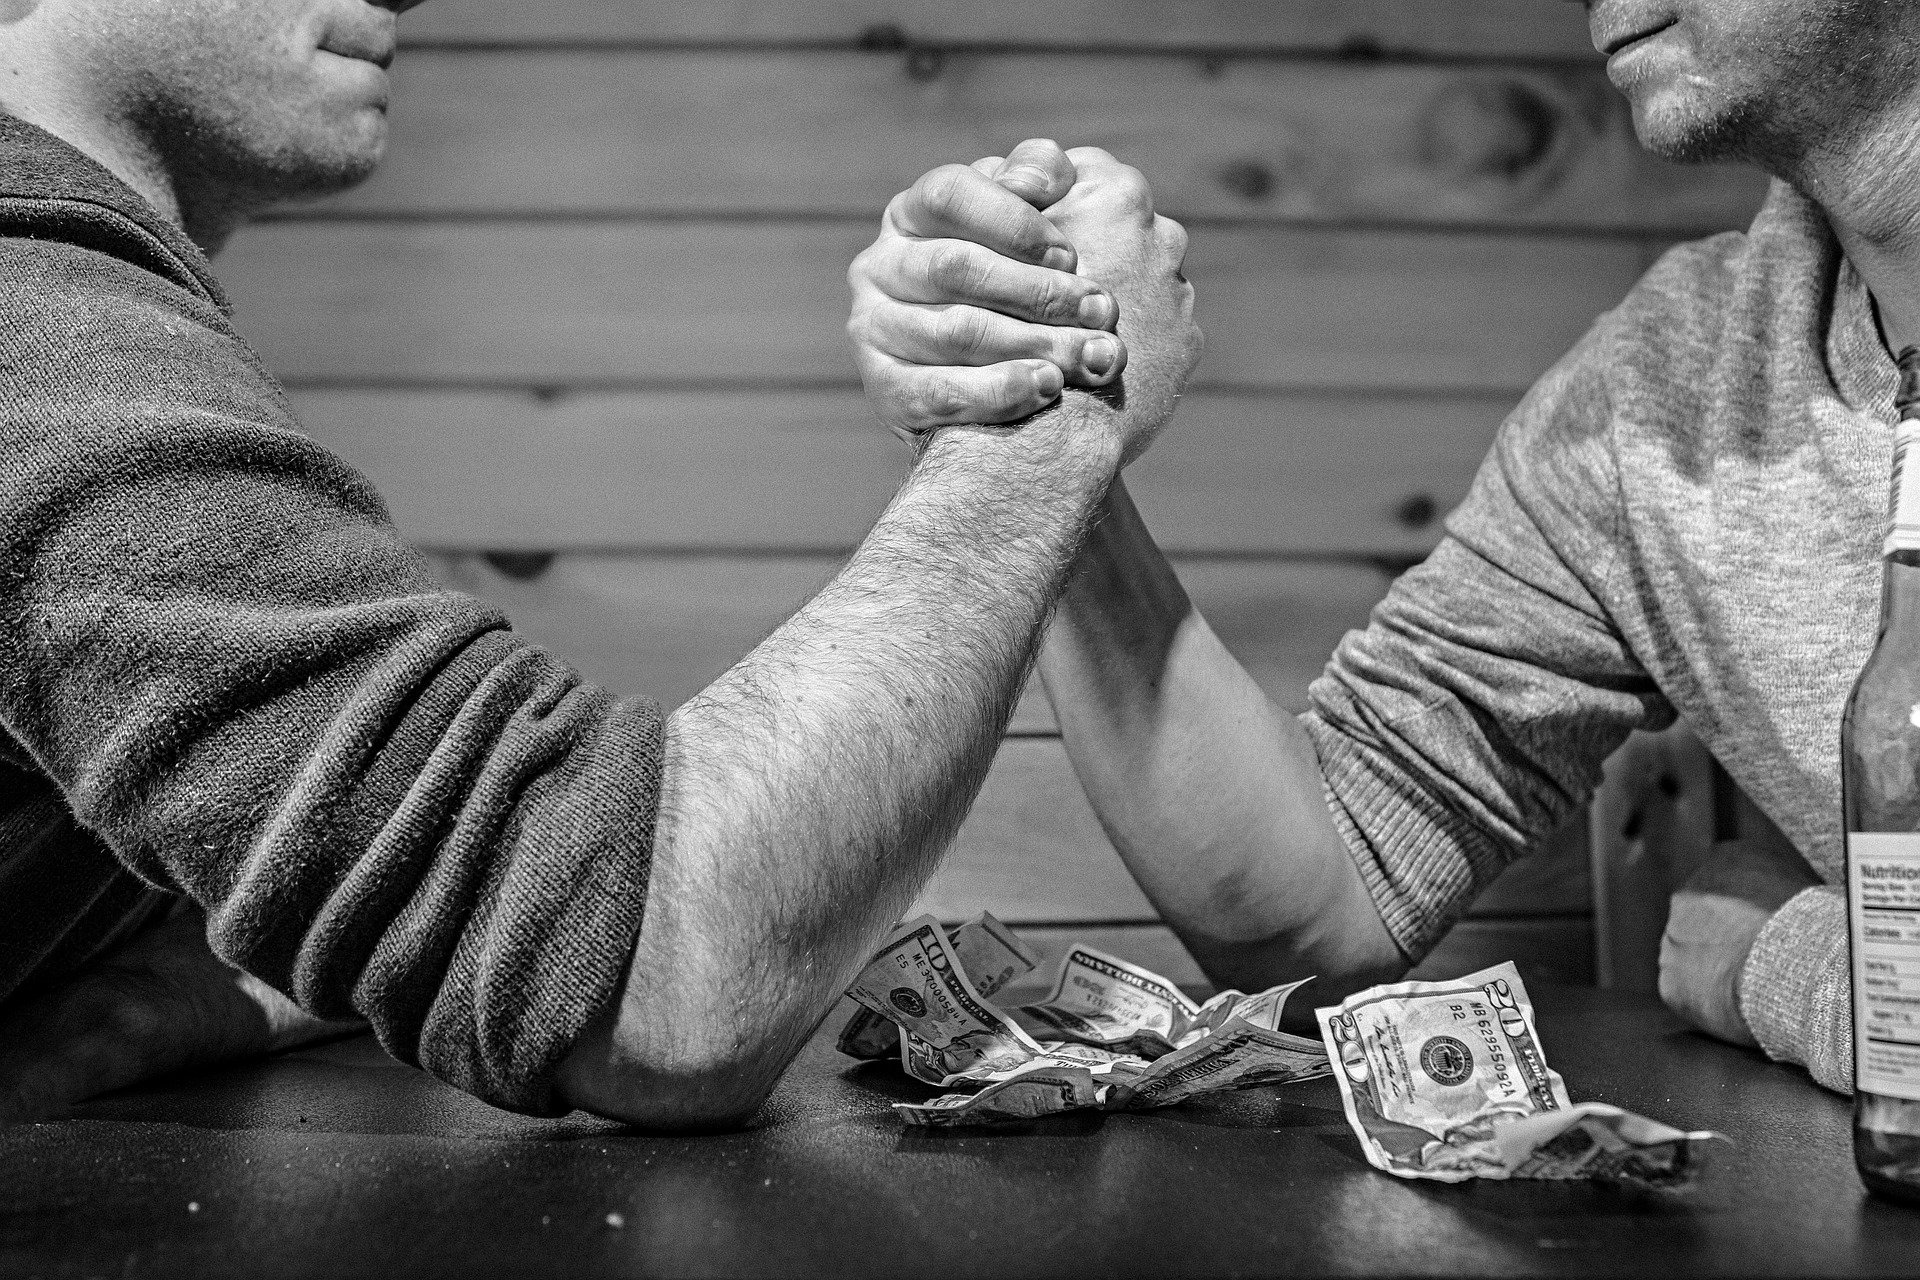 福袋を買うことは結局時間とお金の無駄遣いと絶対断言できる理由とは?